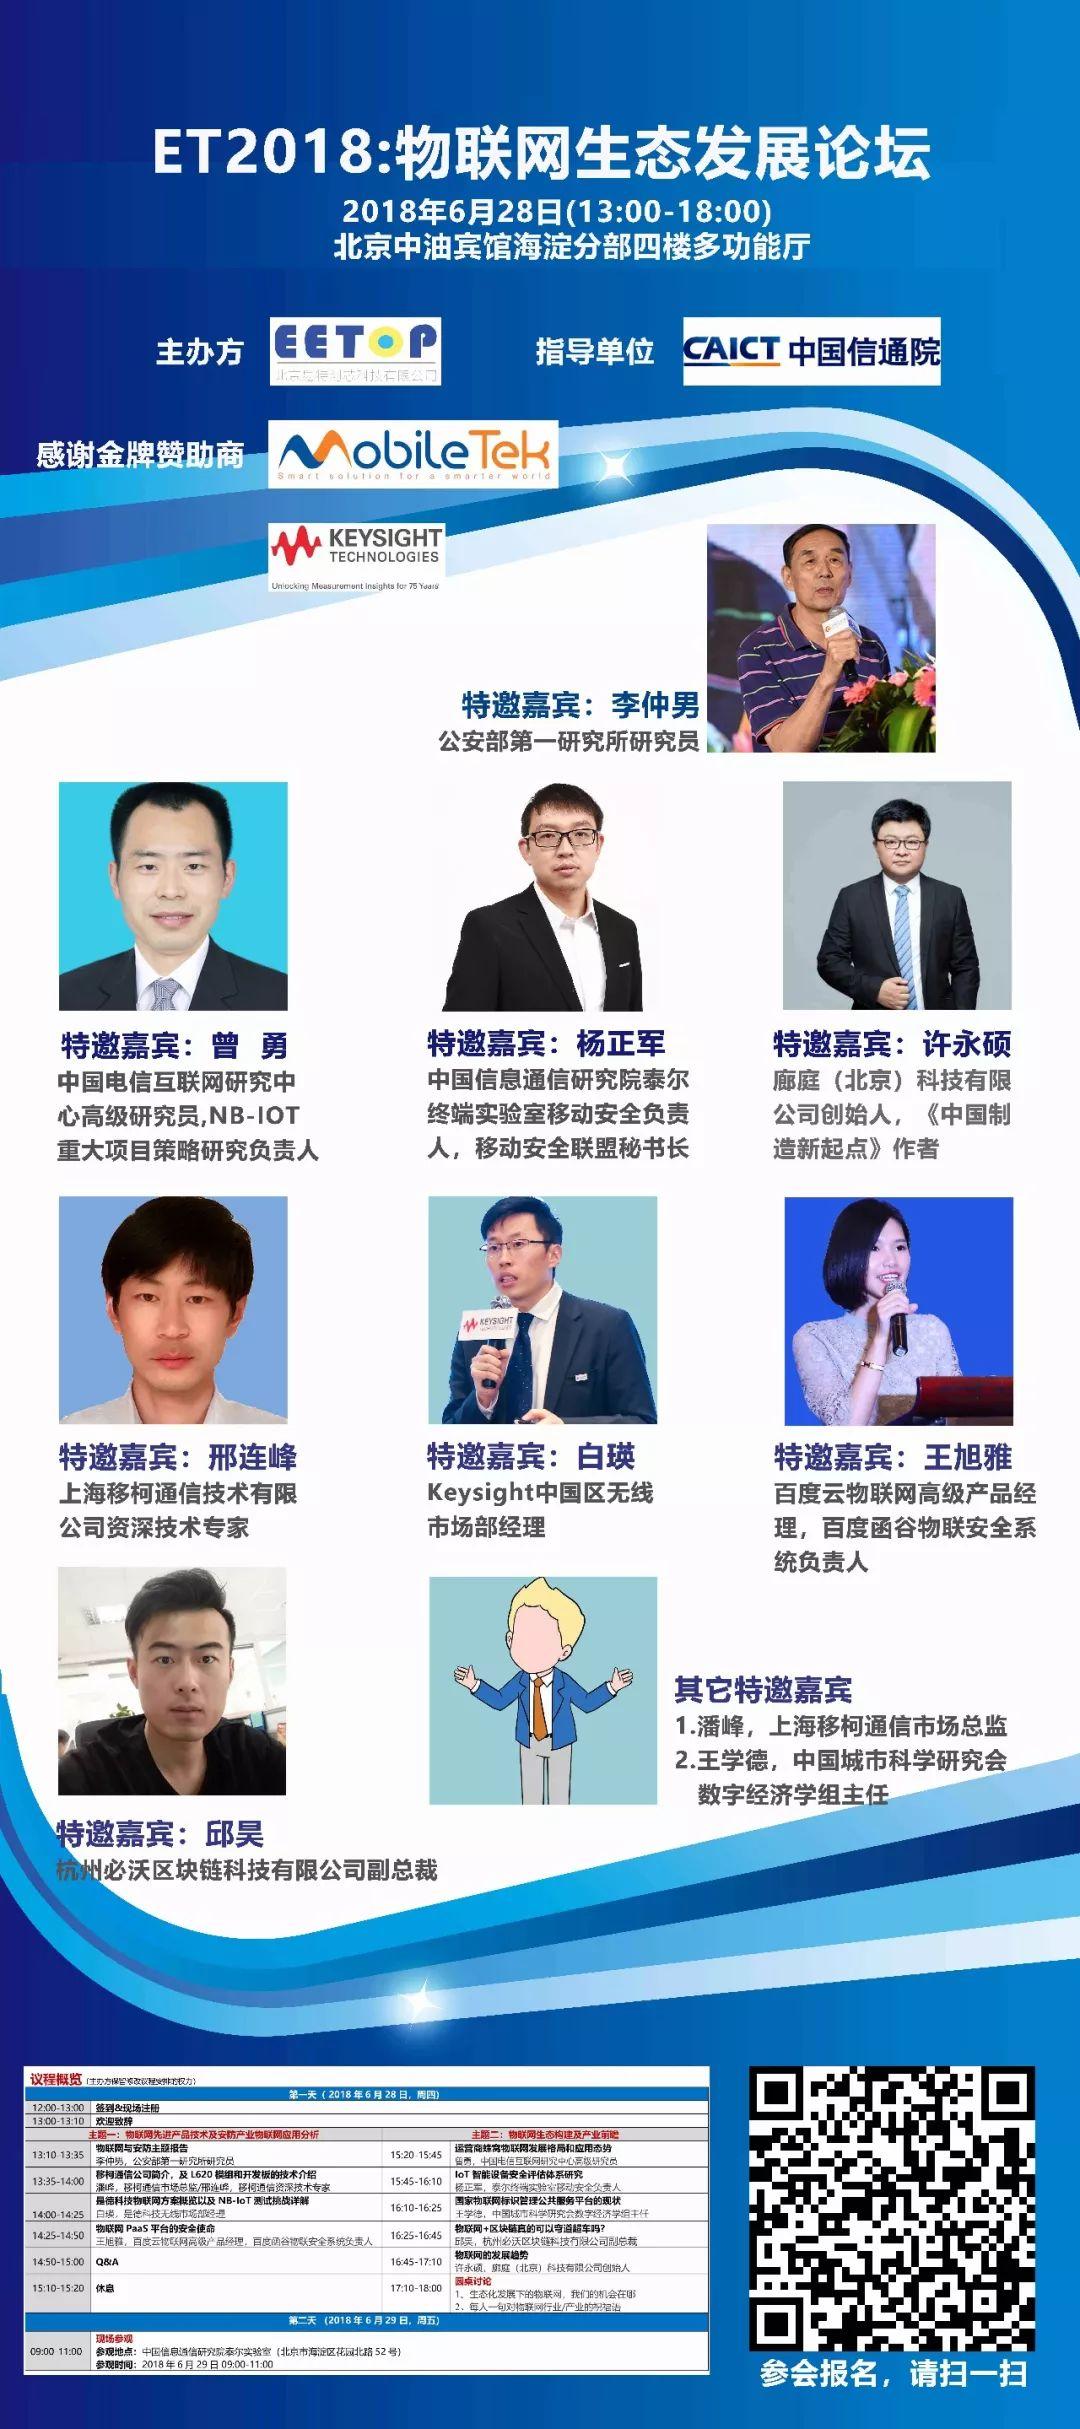 ET2018:物联网生态发展论坛(北京)即将召开!PPT分享